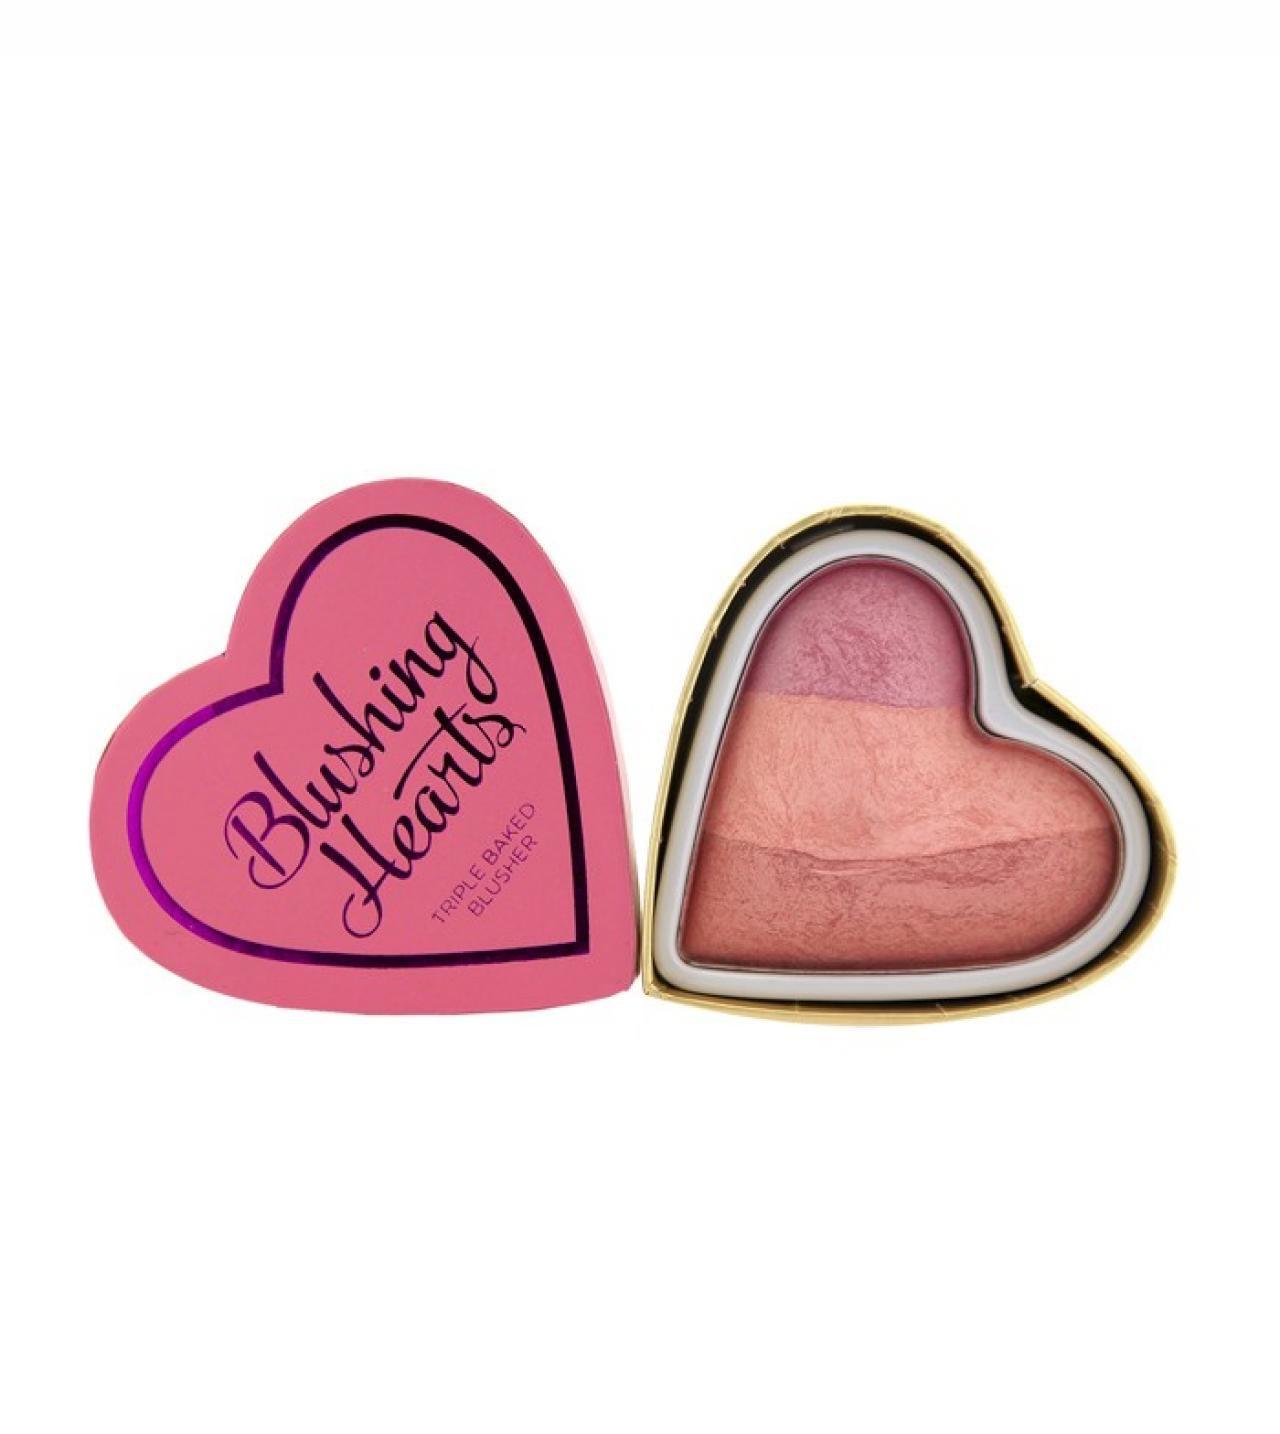 メイクアップレボリューション ブラッシングハート ブラッシャー チーク キャンディクイーン おすすめ 人気 定番 プチプラ